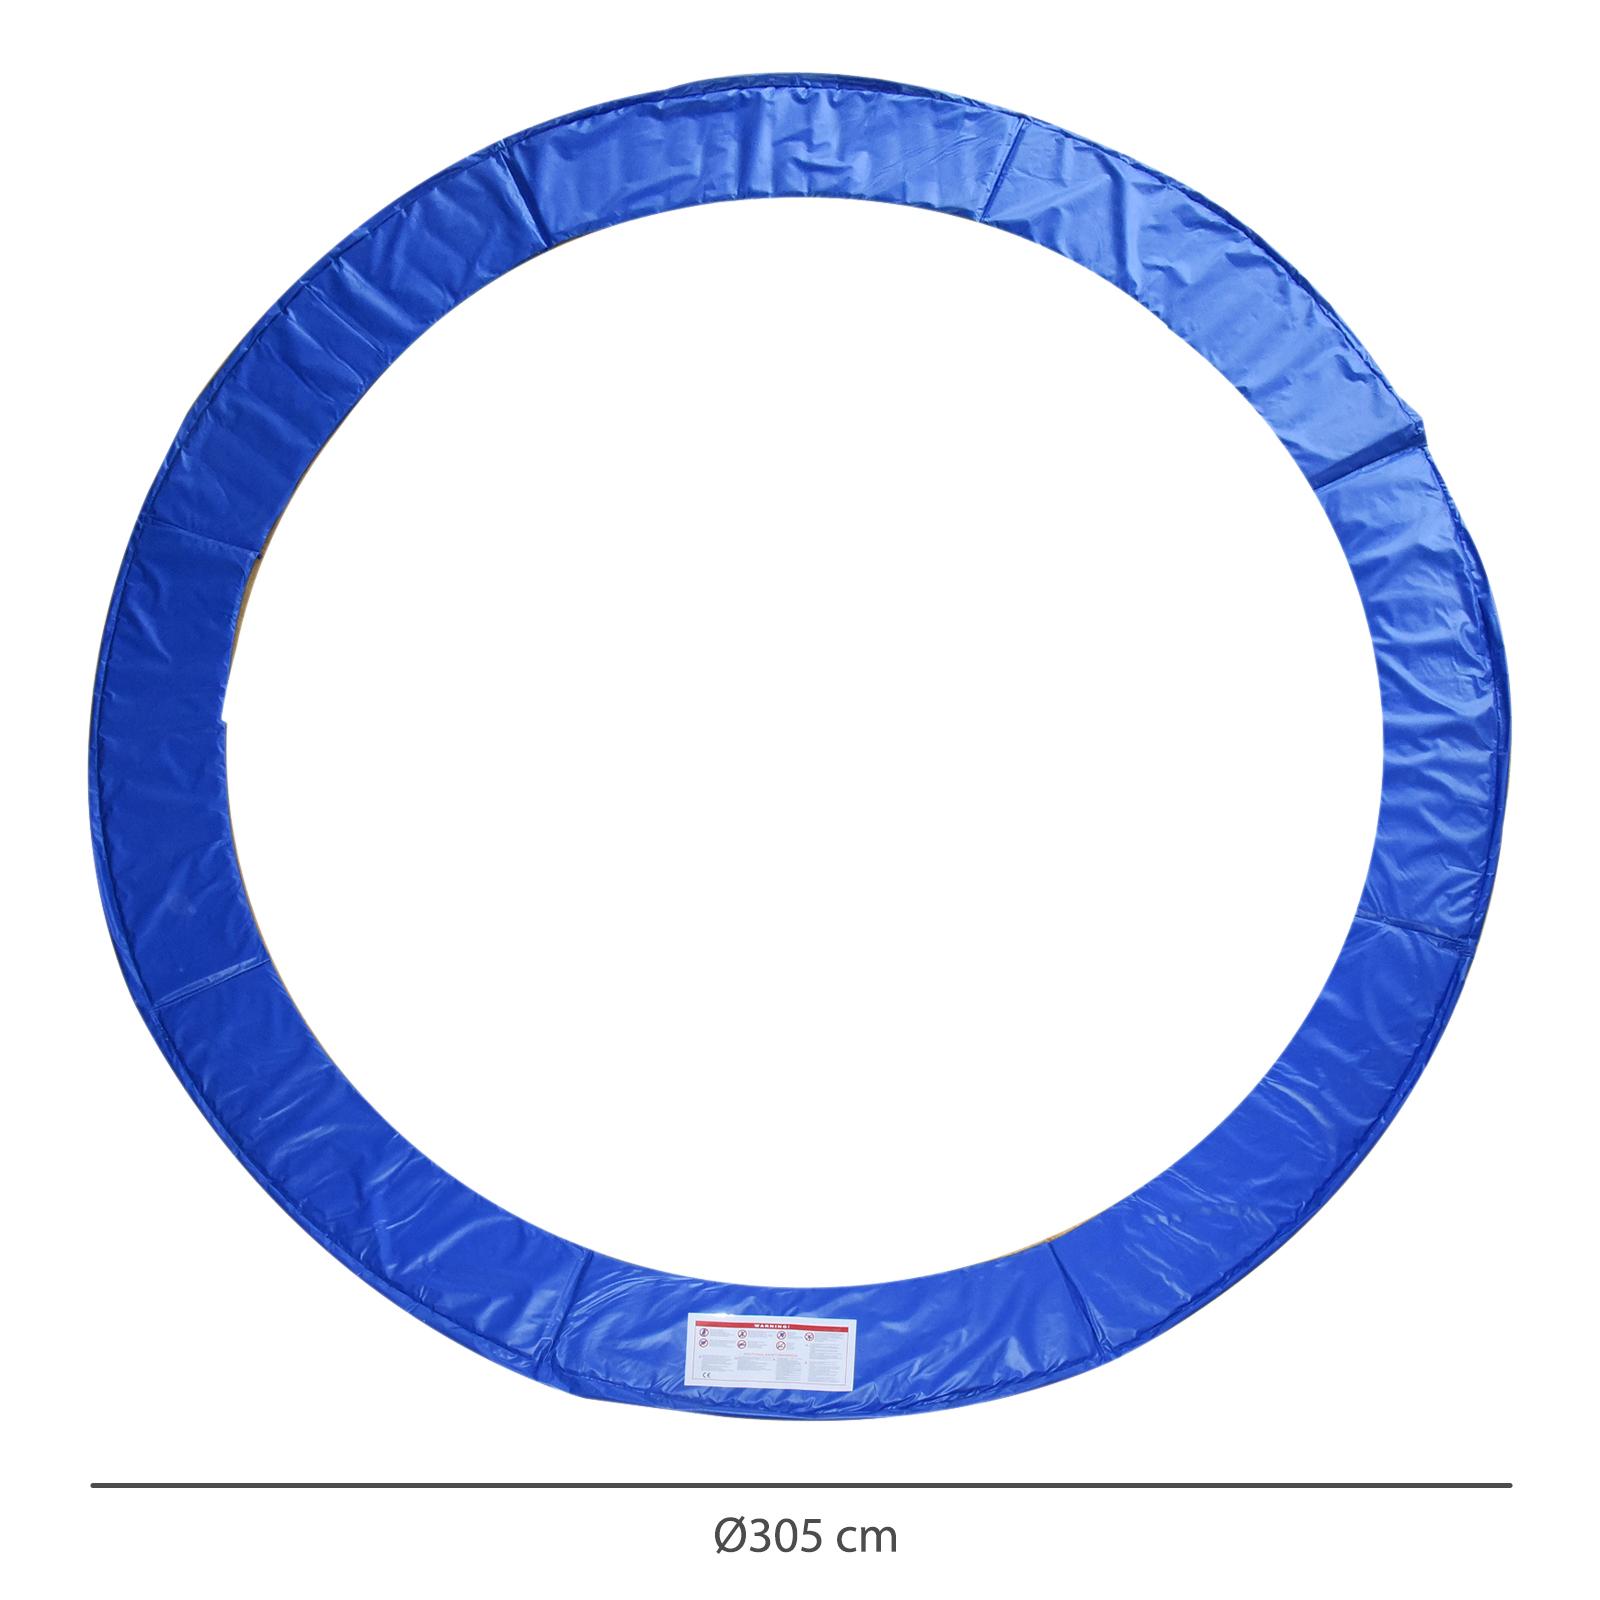 Cubierta-Protectora-para-Borde-de-Cama-Elastica-Trampolin-3-Medidas-Opcionales miniatura 18